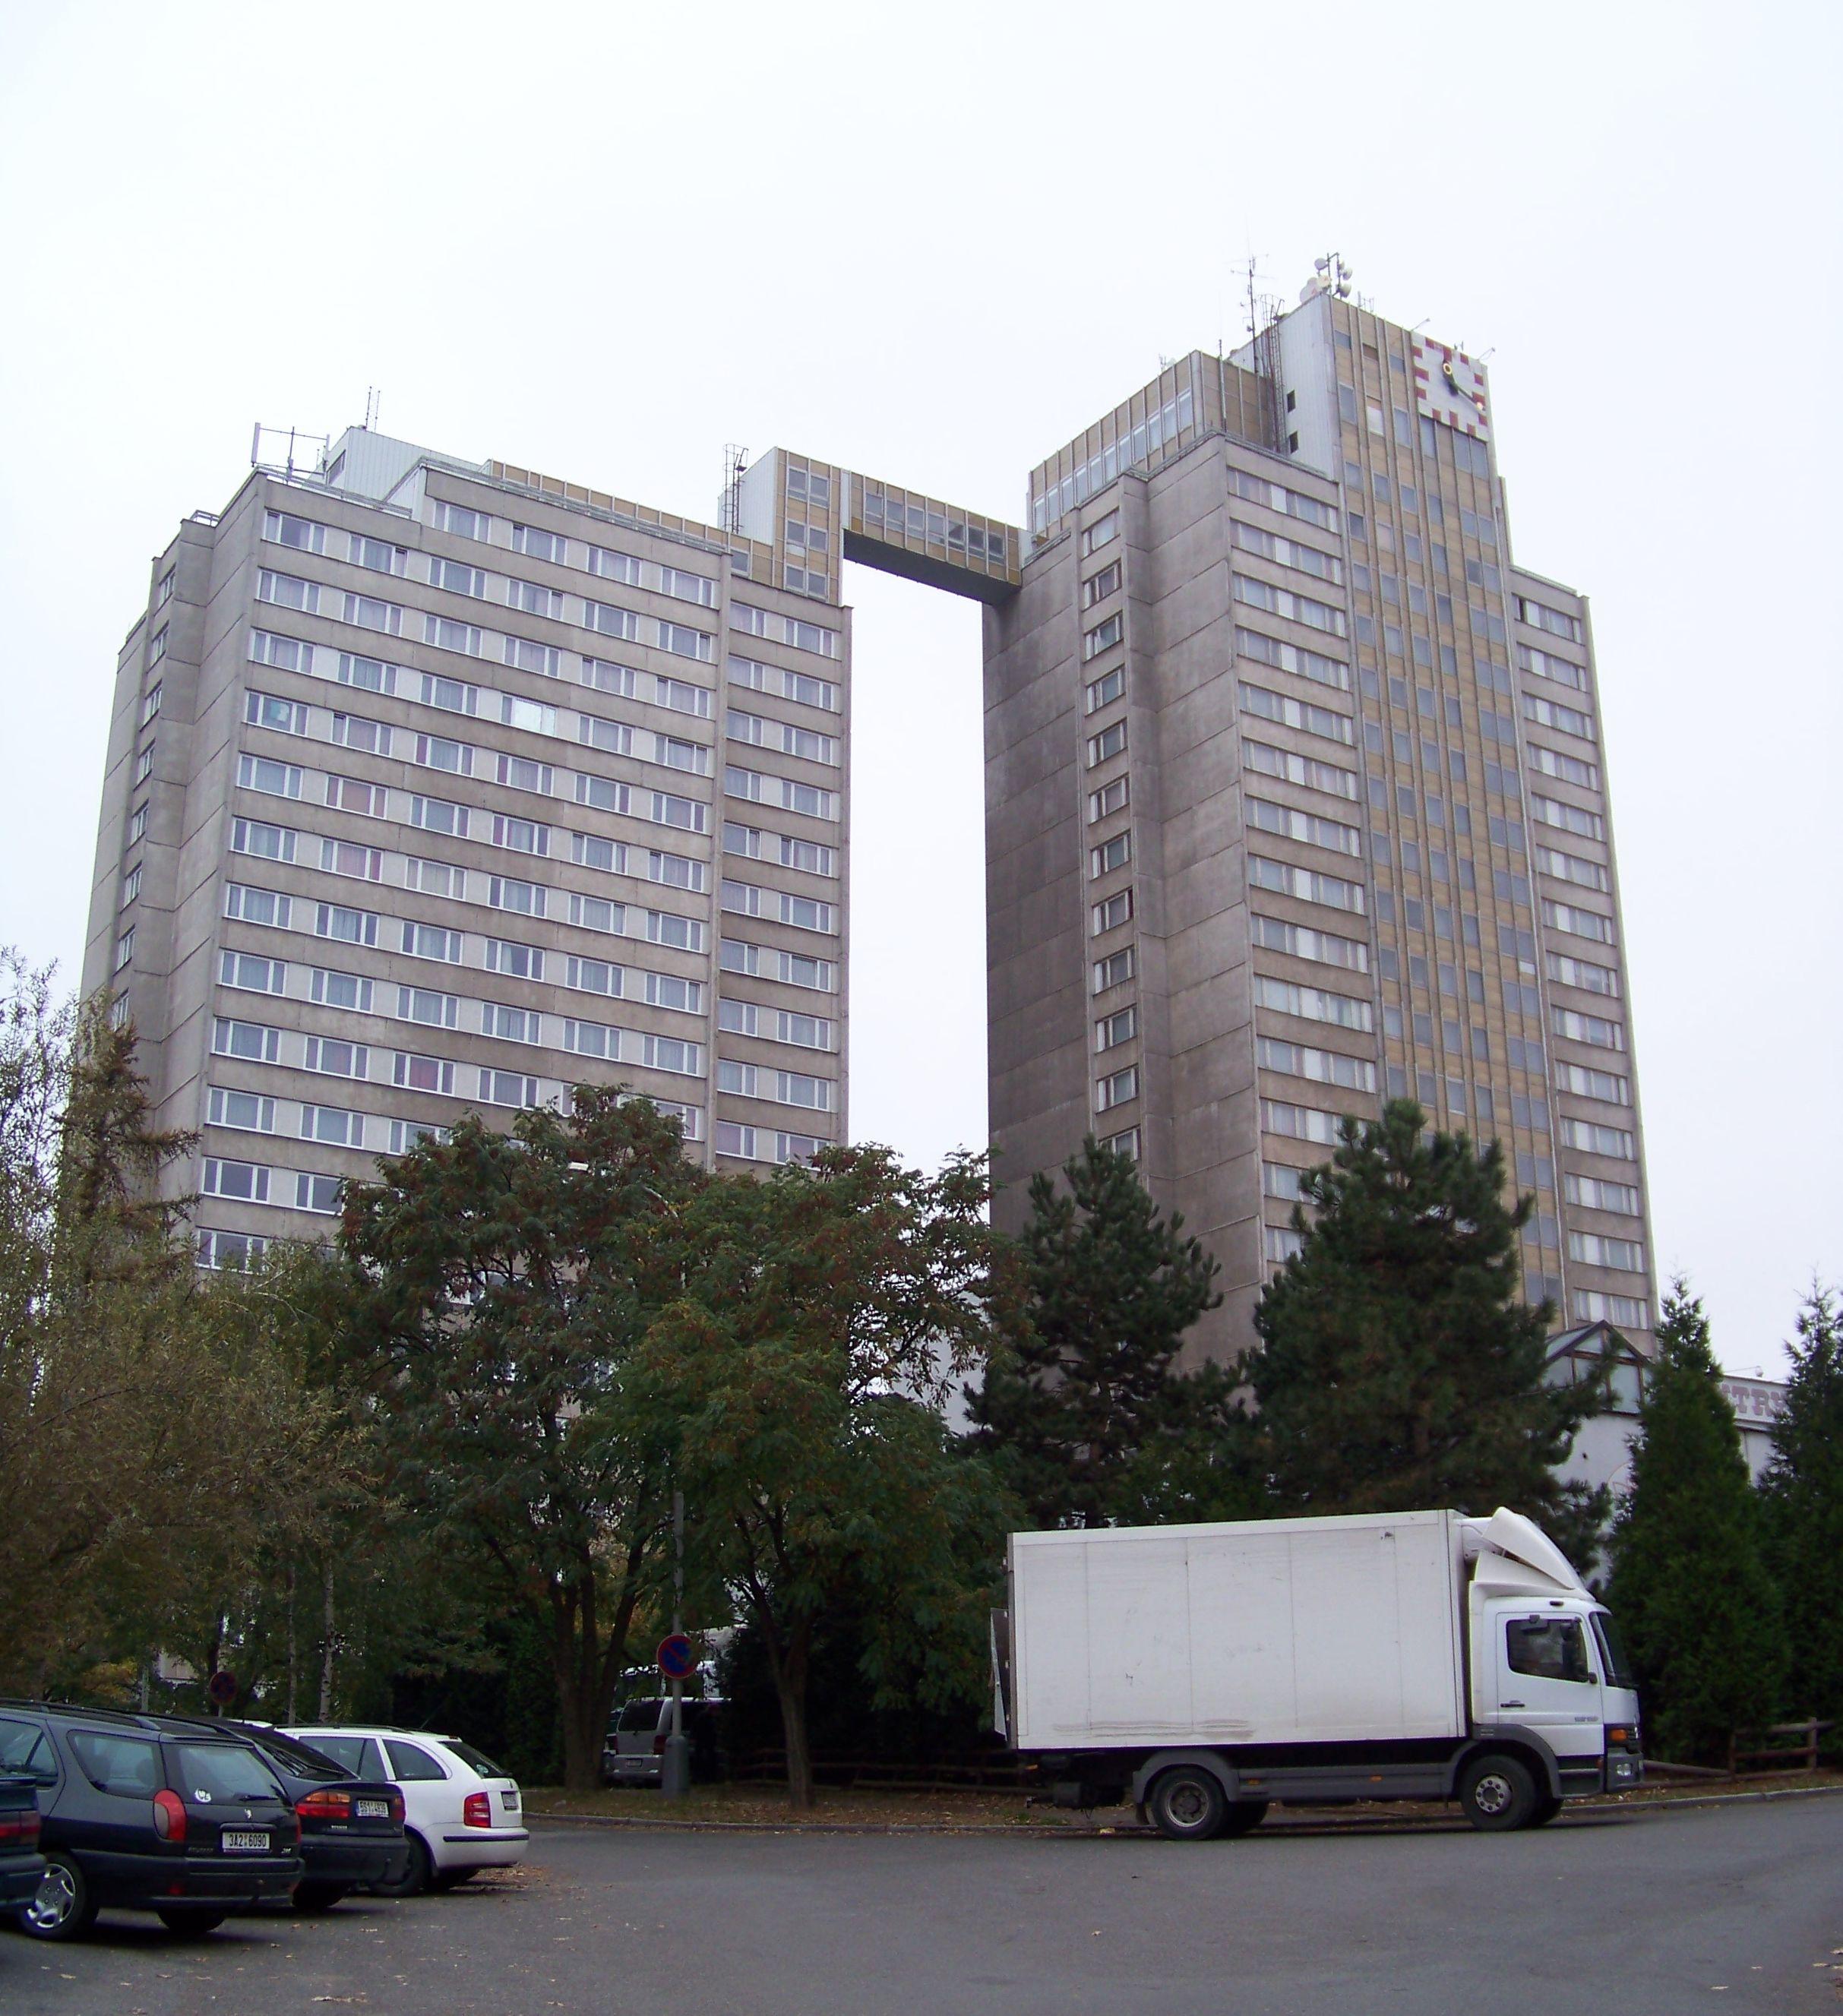 Hotel Kupa v roce 2009 (cs:ŠJů, CC BY-SA 3.0 <https://creativecommons.org/licenses/by-sa/3.0>, via Wikimedia Commons)